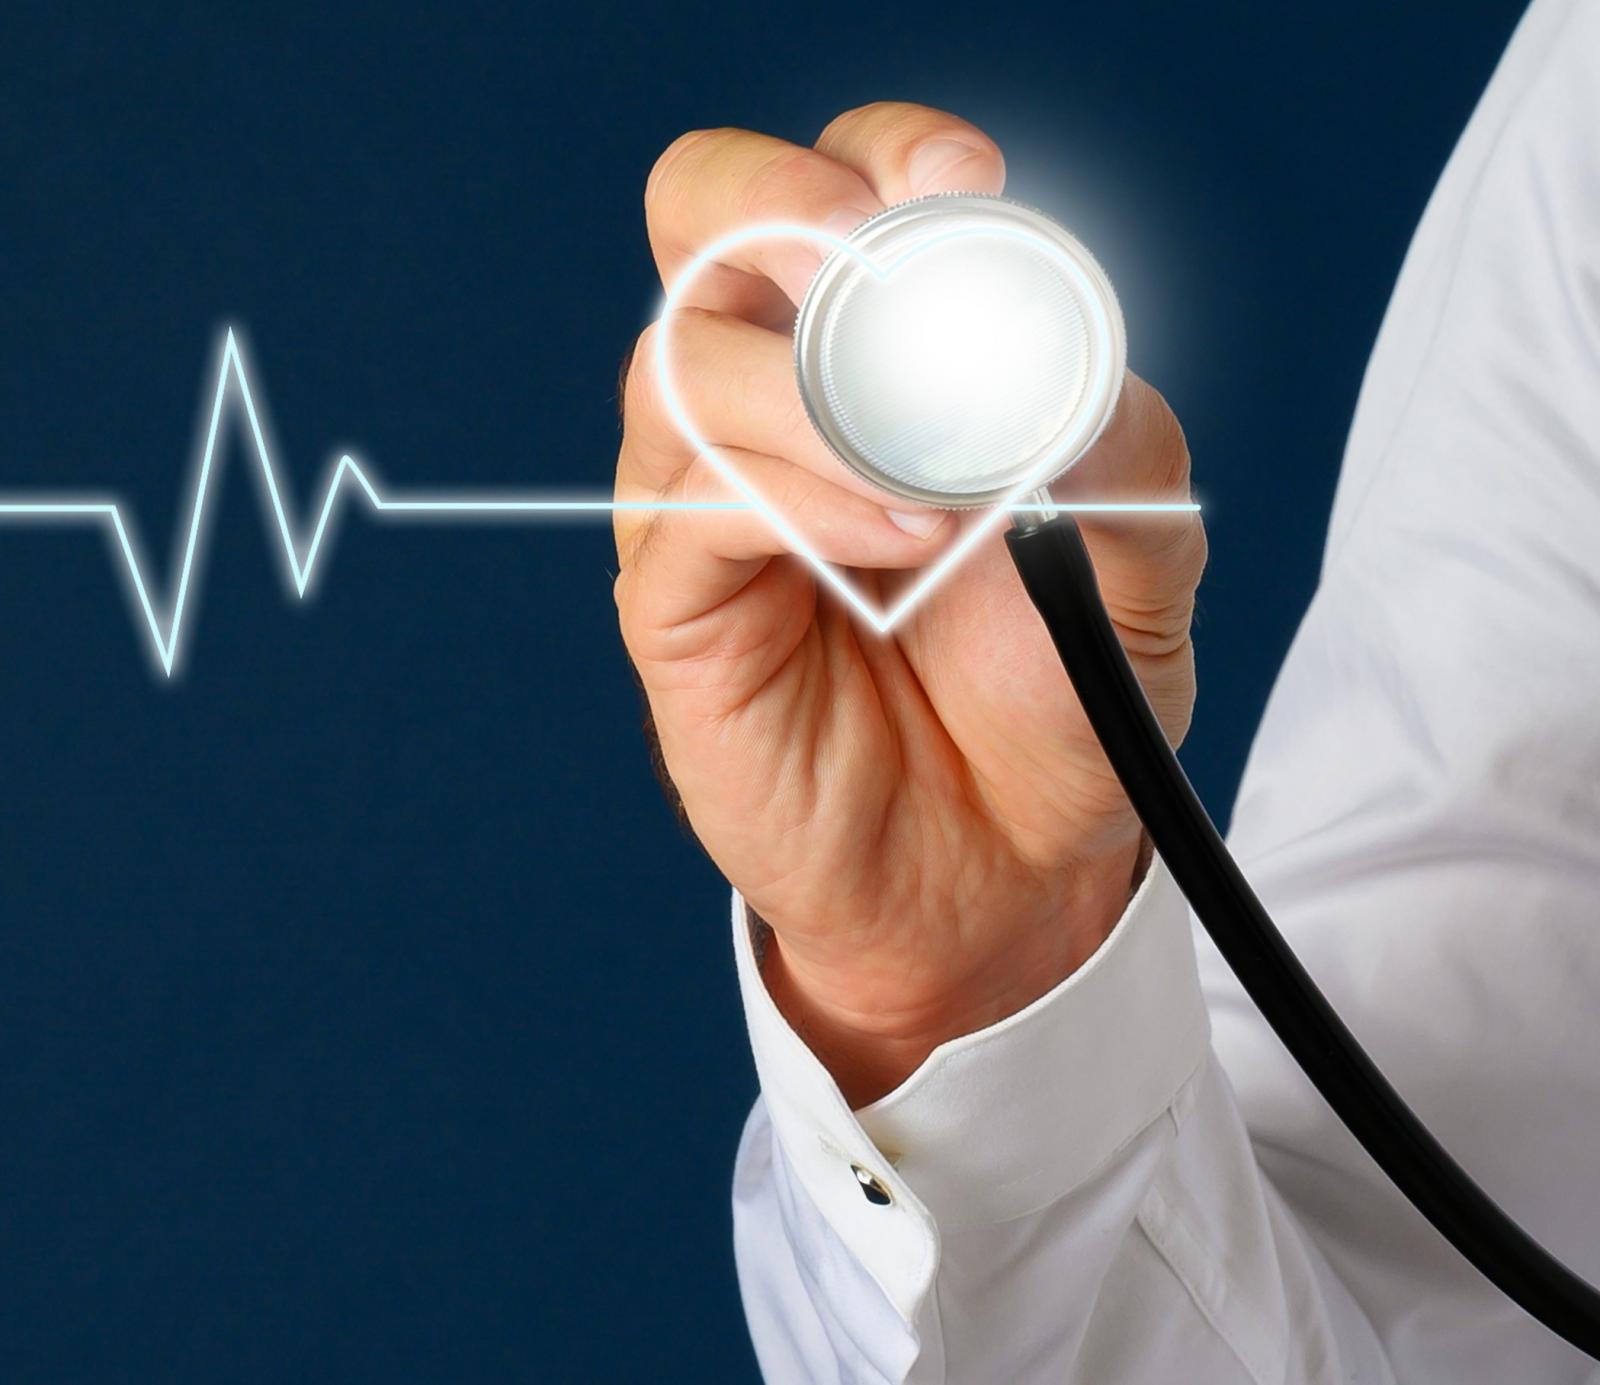 Spouštíme podcast Diagnóza zdravotnictví, nového průvodce českým zdravotním systémem